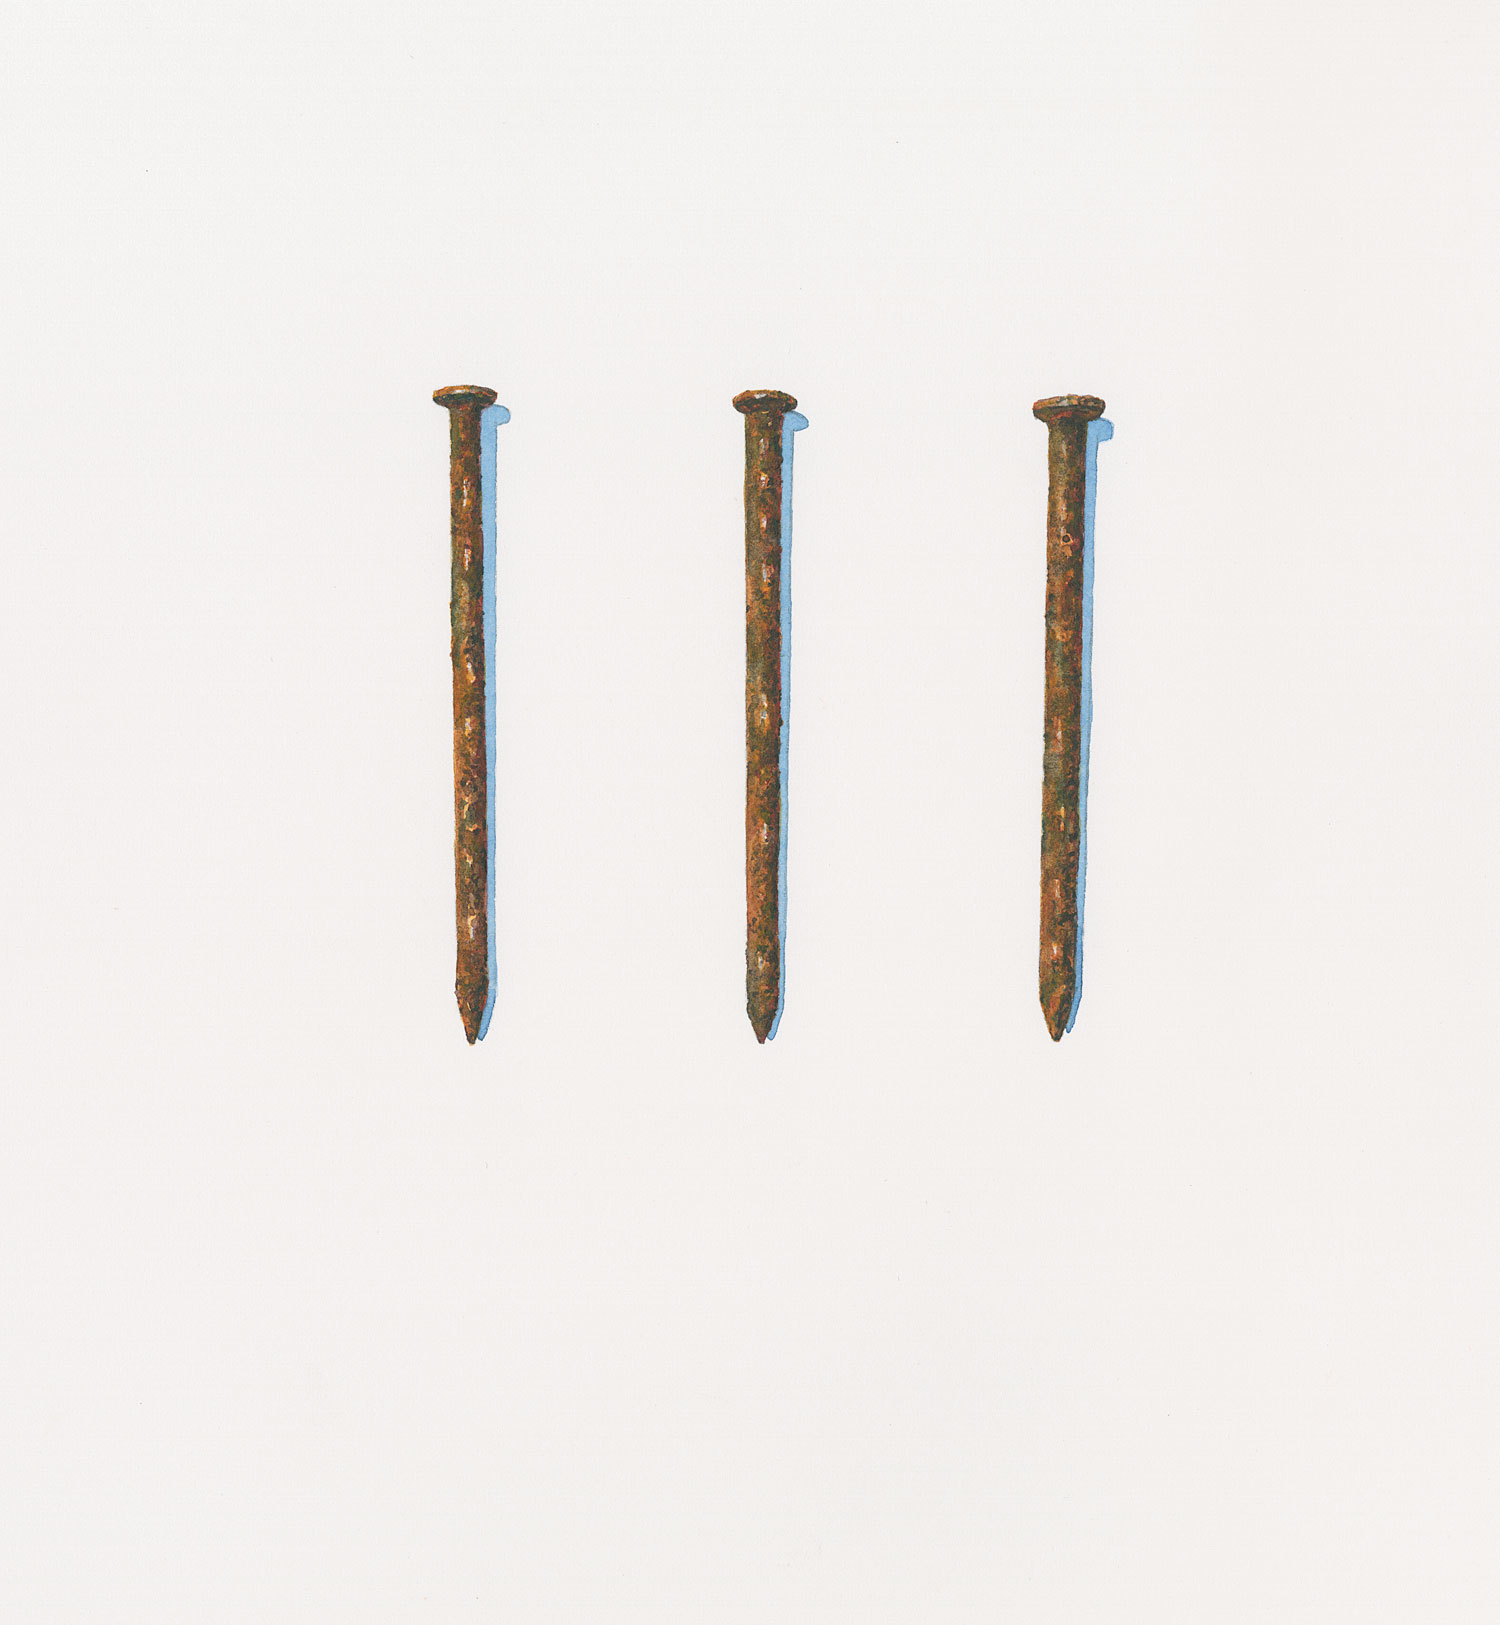 Three Rusty Nails